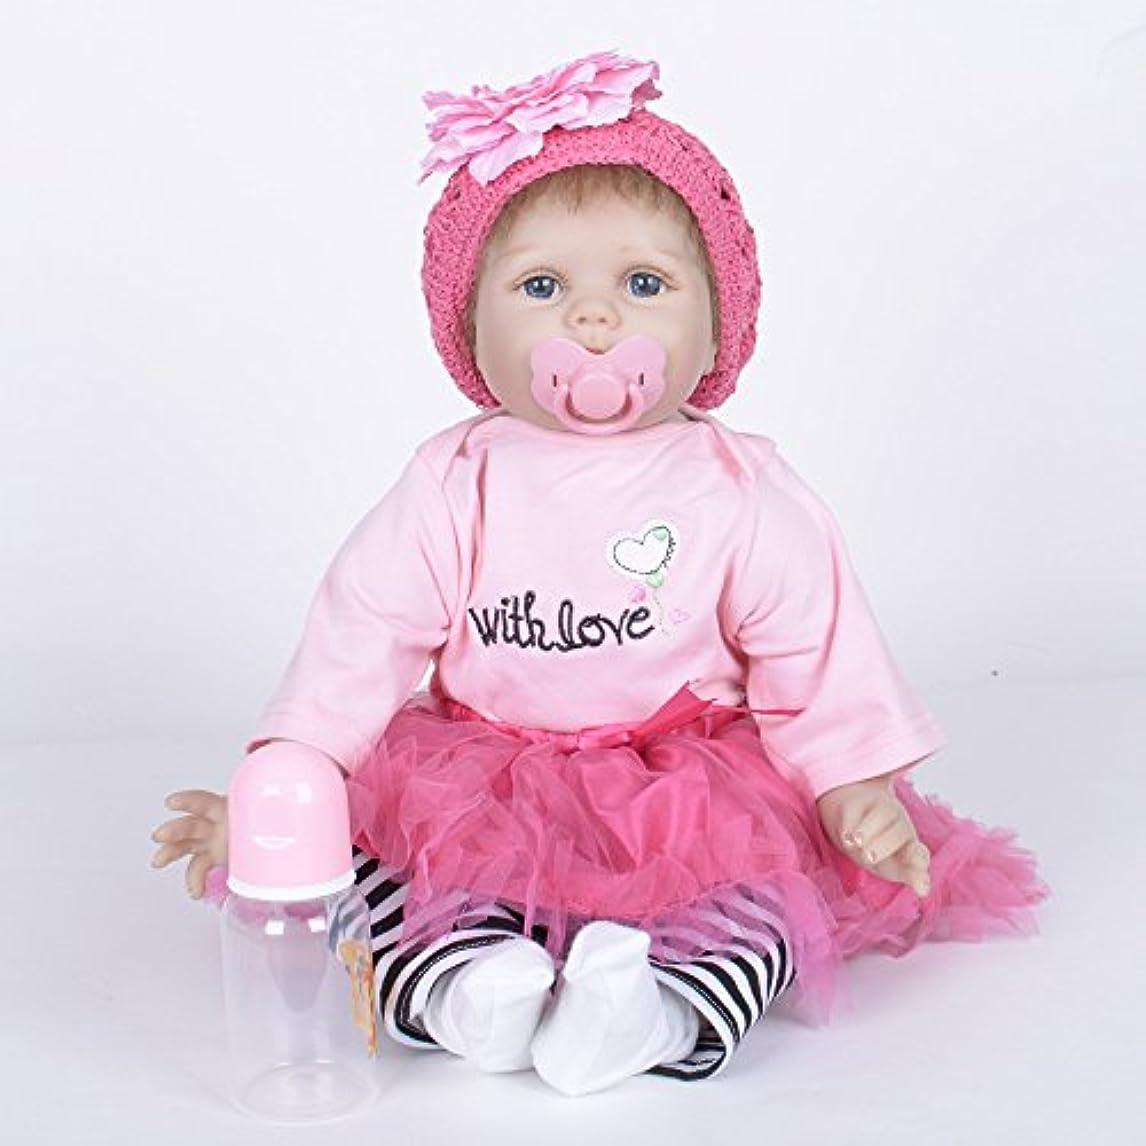 報いる服を片付ける暖かくPKJOkmjko シミュレーション人形全シリカゲル赤ちゃん幼児教育迫真の女の子の人形人形55センチ迫真再生玩具人形姫児童玩具子どもの誕生日プレゼント